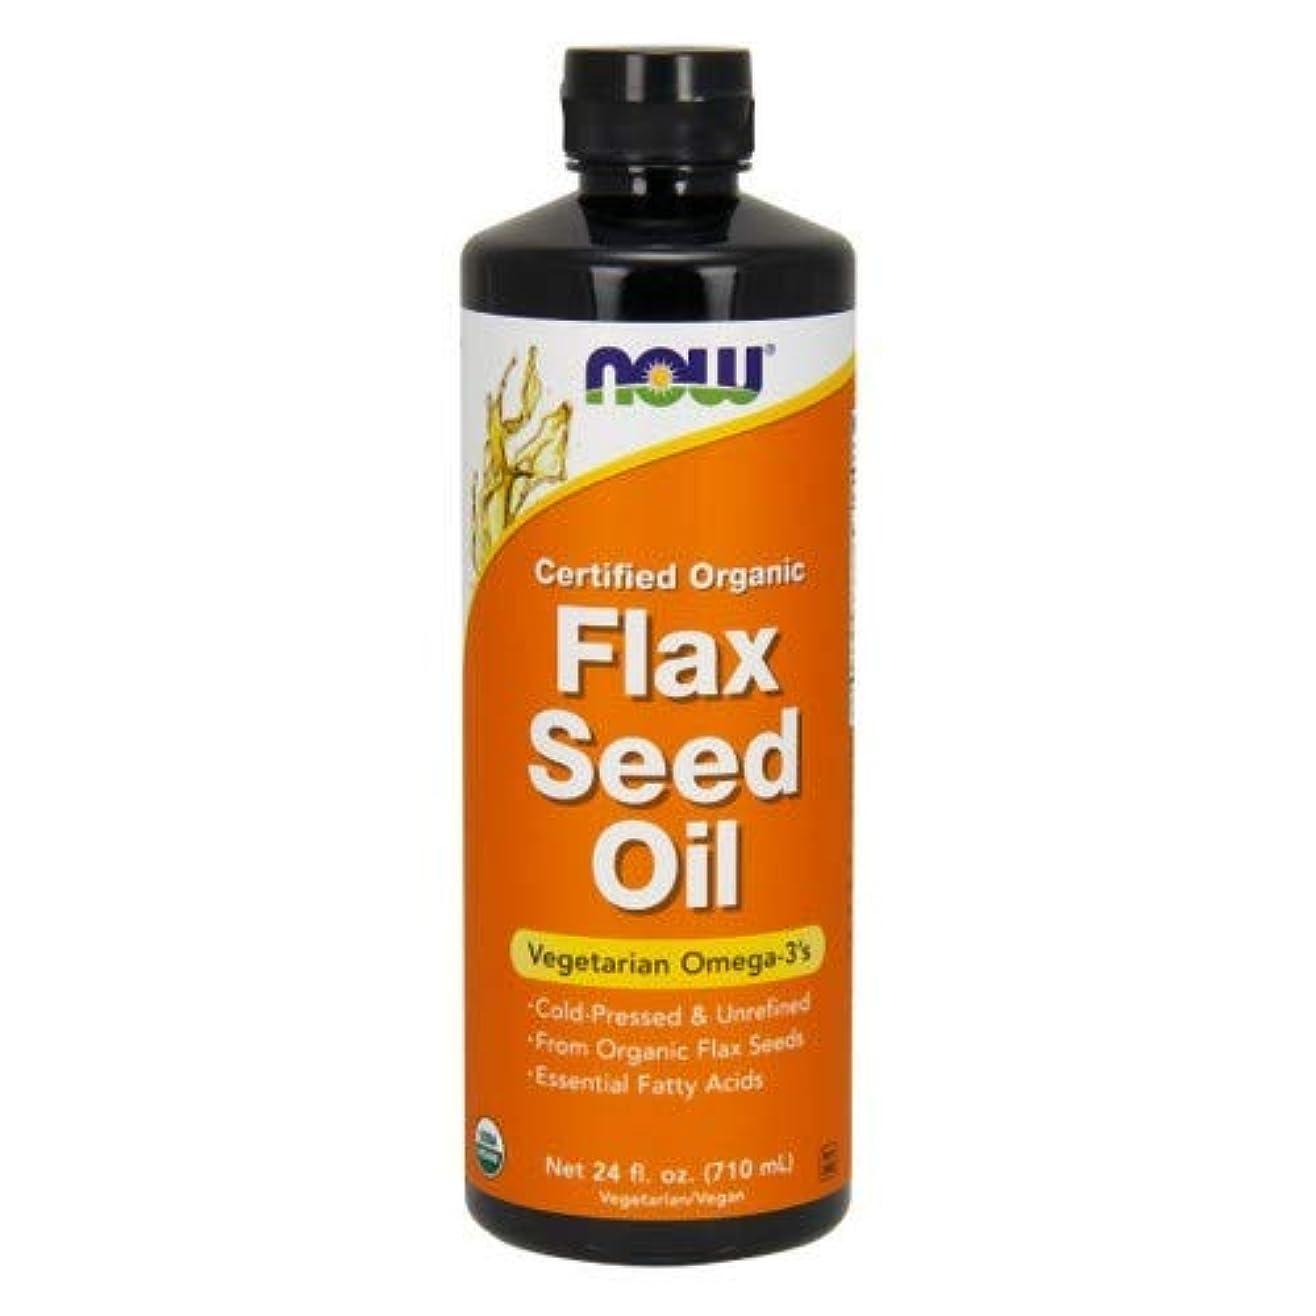 しっとり息切れ報酬のFlax Seed Oil (Certified Organic) 24